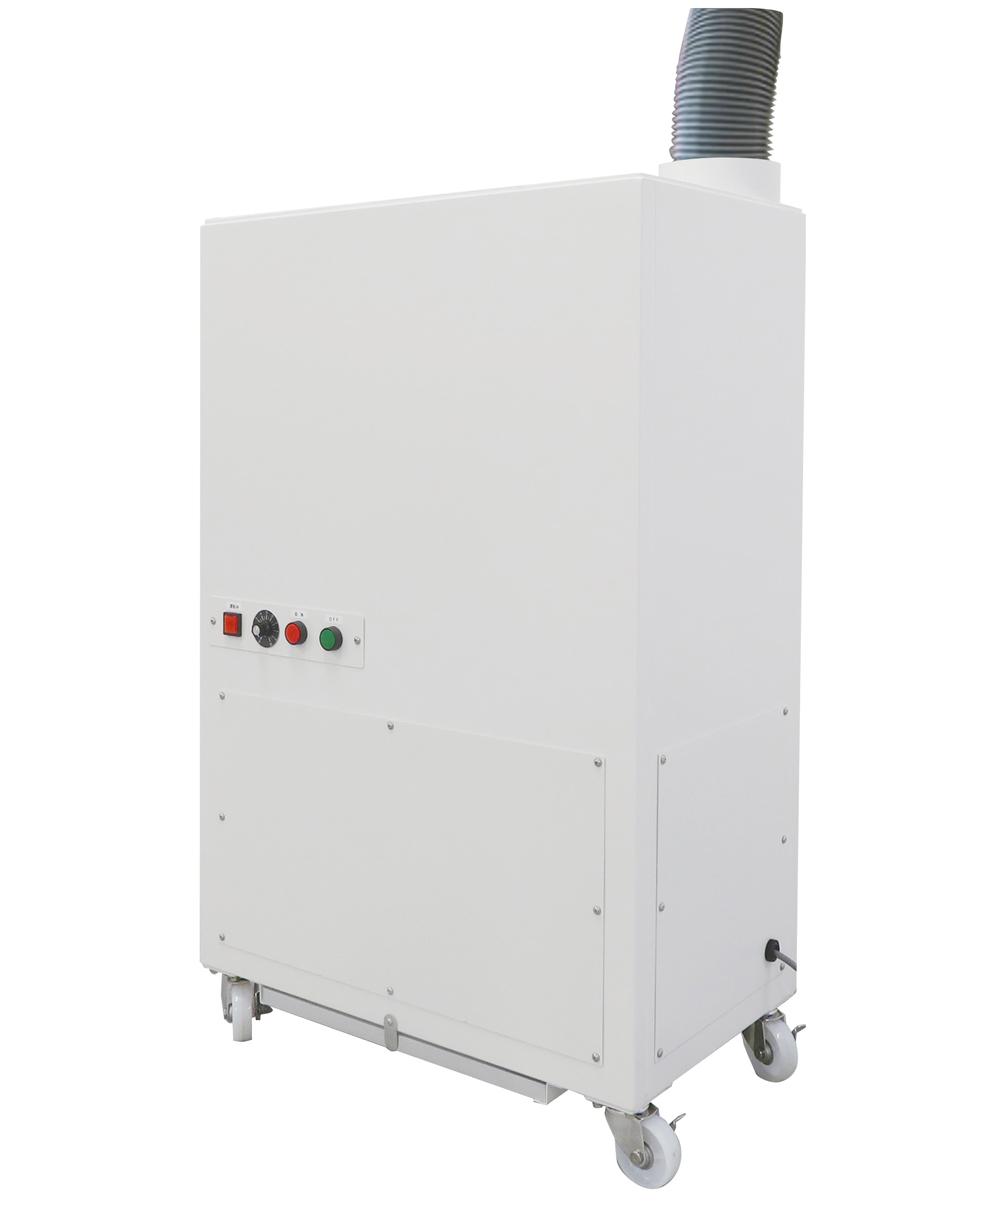 陰圧排気/空気清浄機ユニット